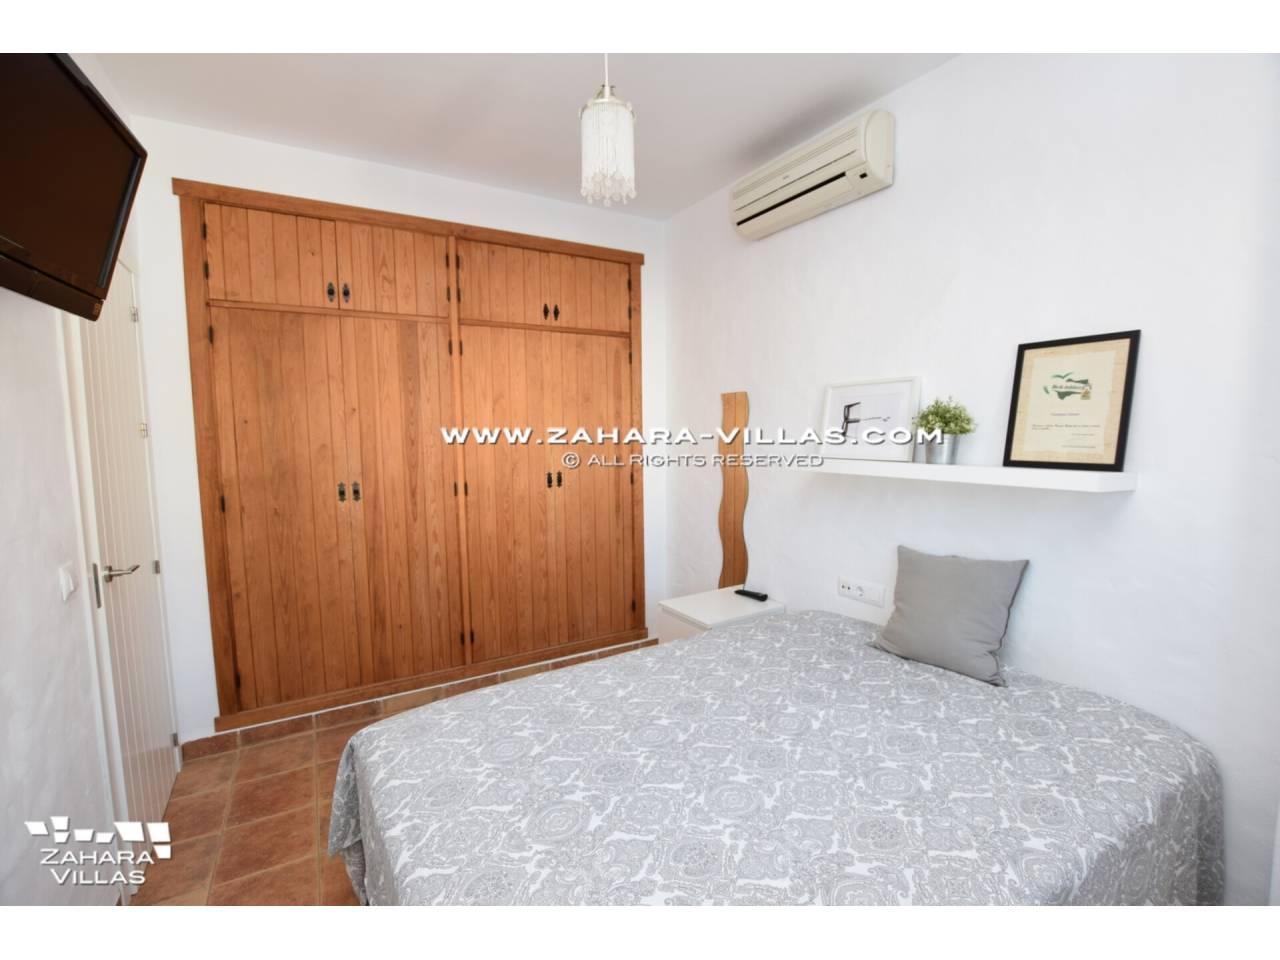 Imagen 21 de Haus zum verkauf in Zahara de los Atunes